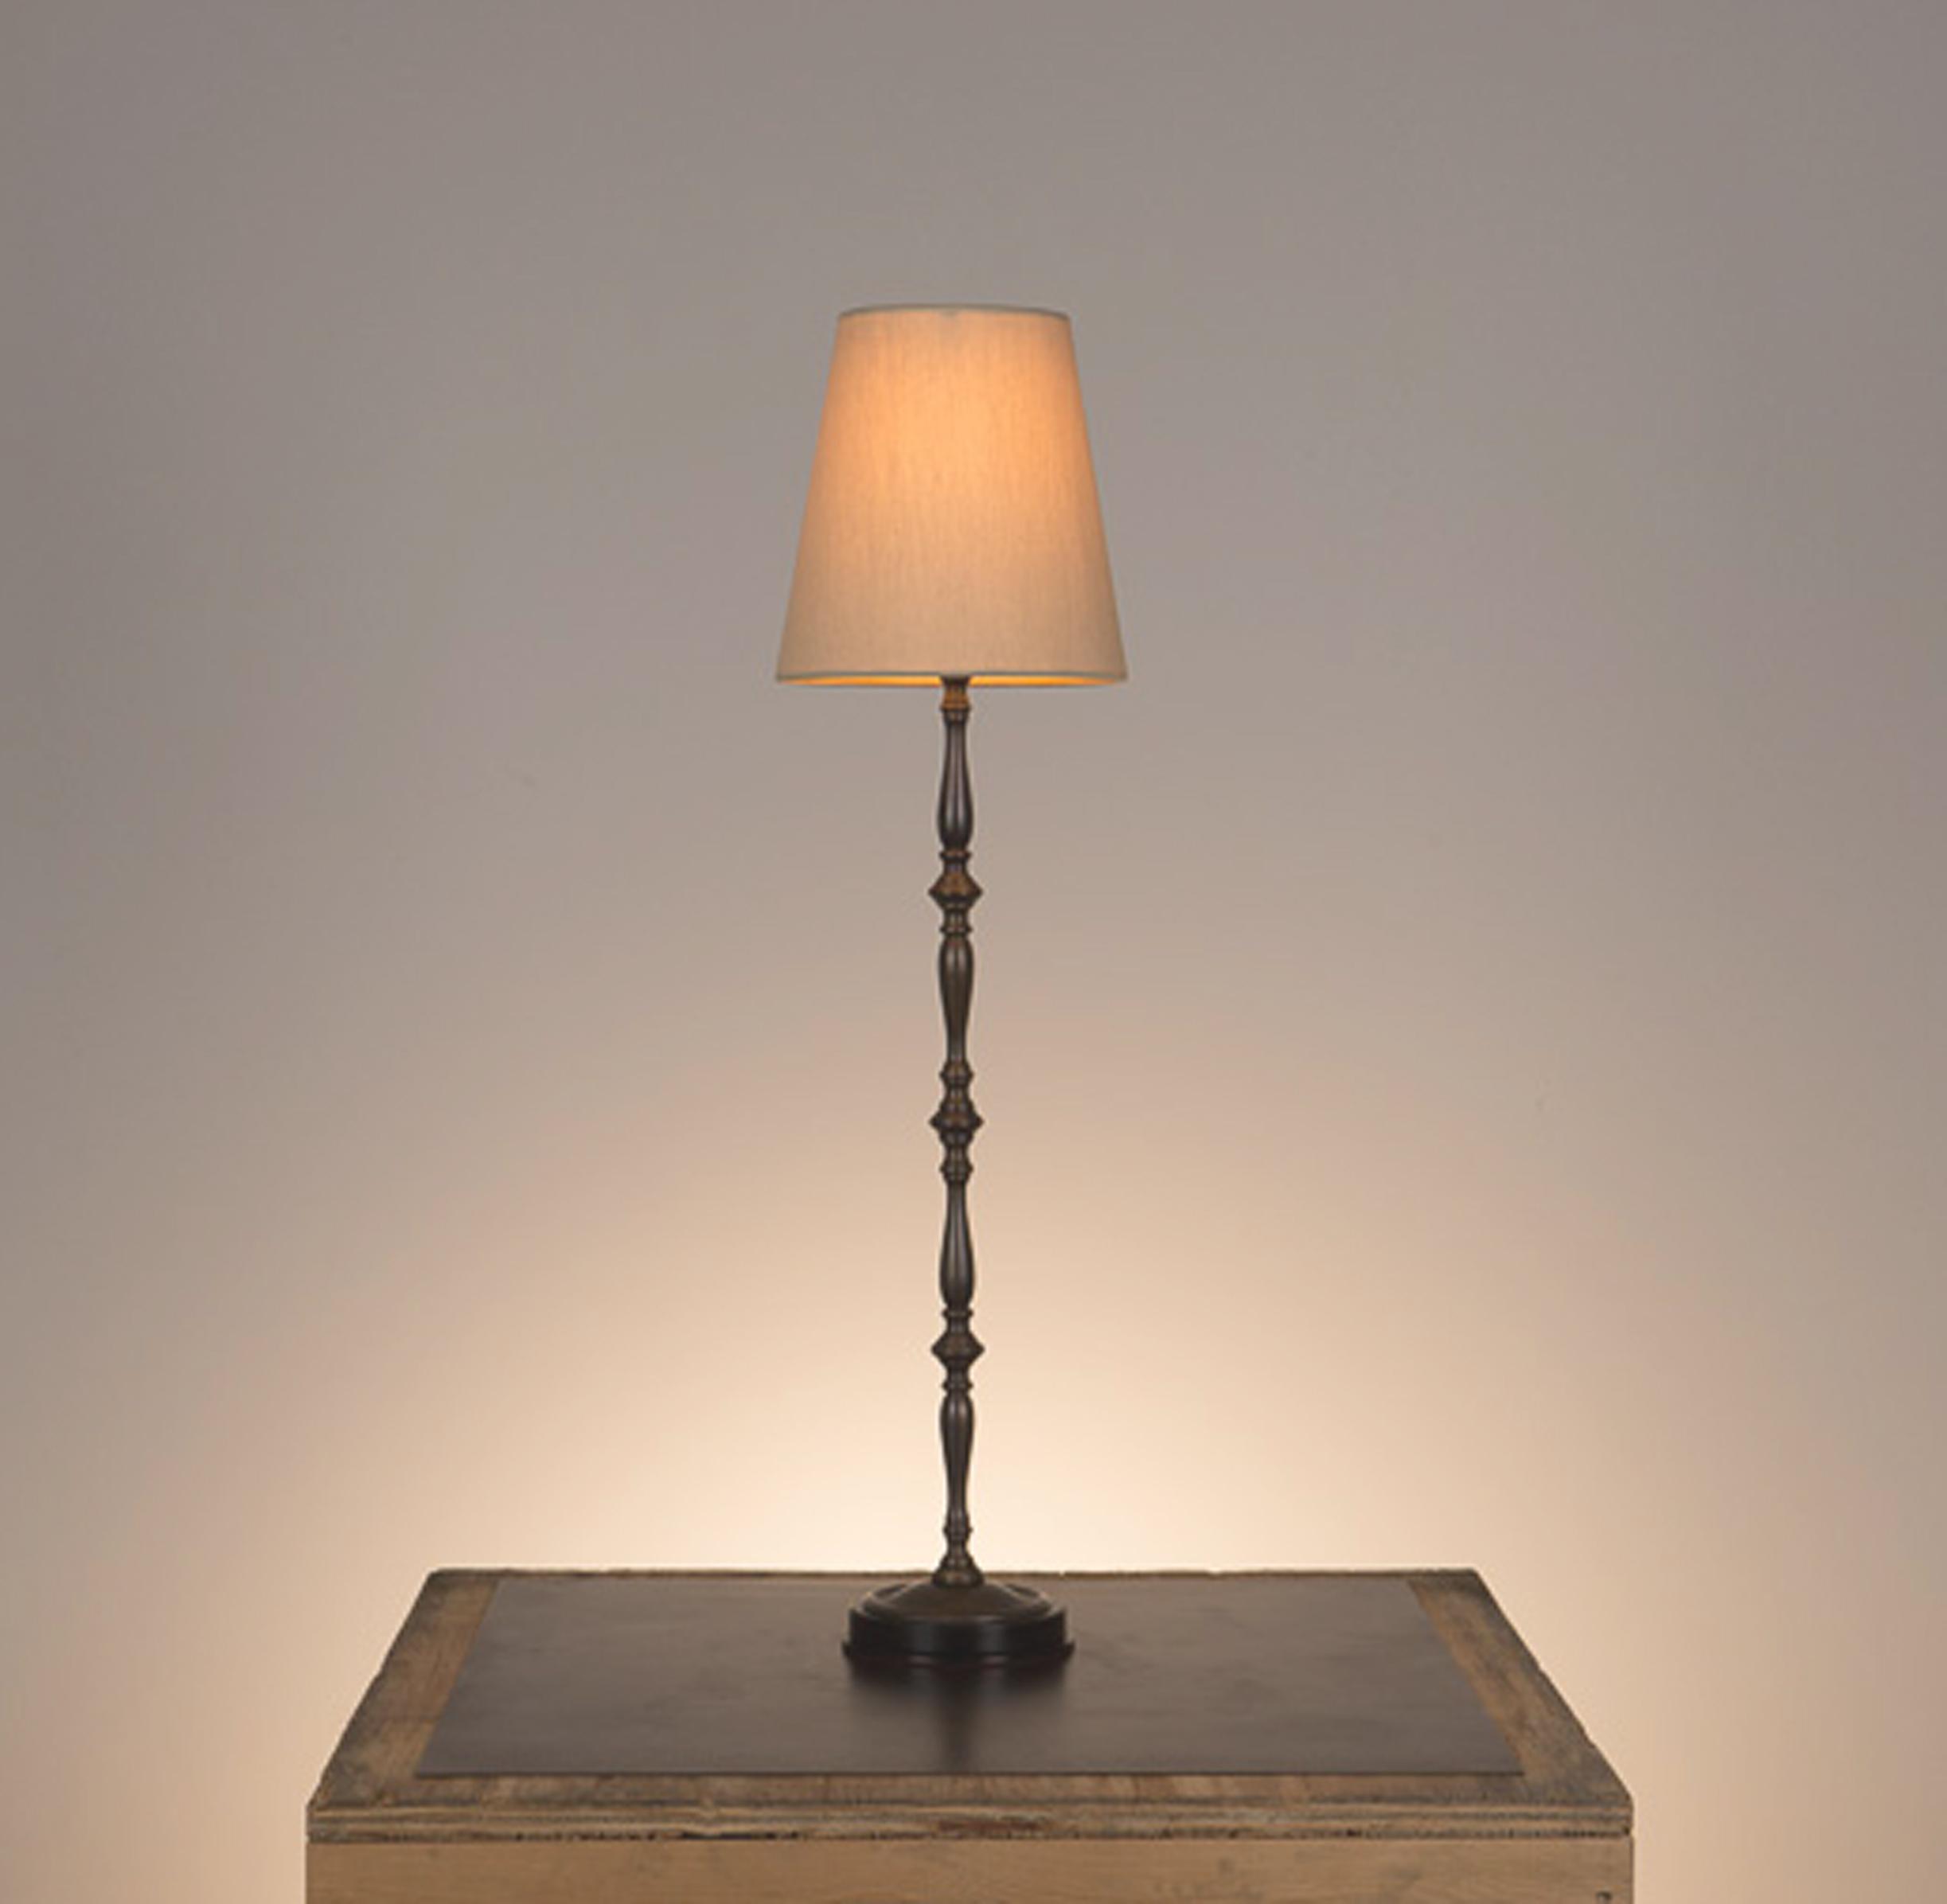 Laura Candlestick Table Lamp #2  Ebonized mahogany base, bronze finish. 738 beige linen shade.